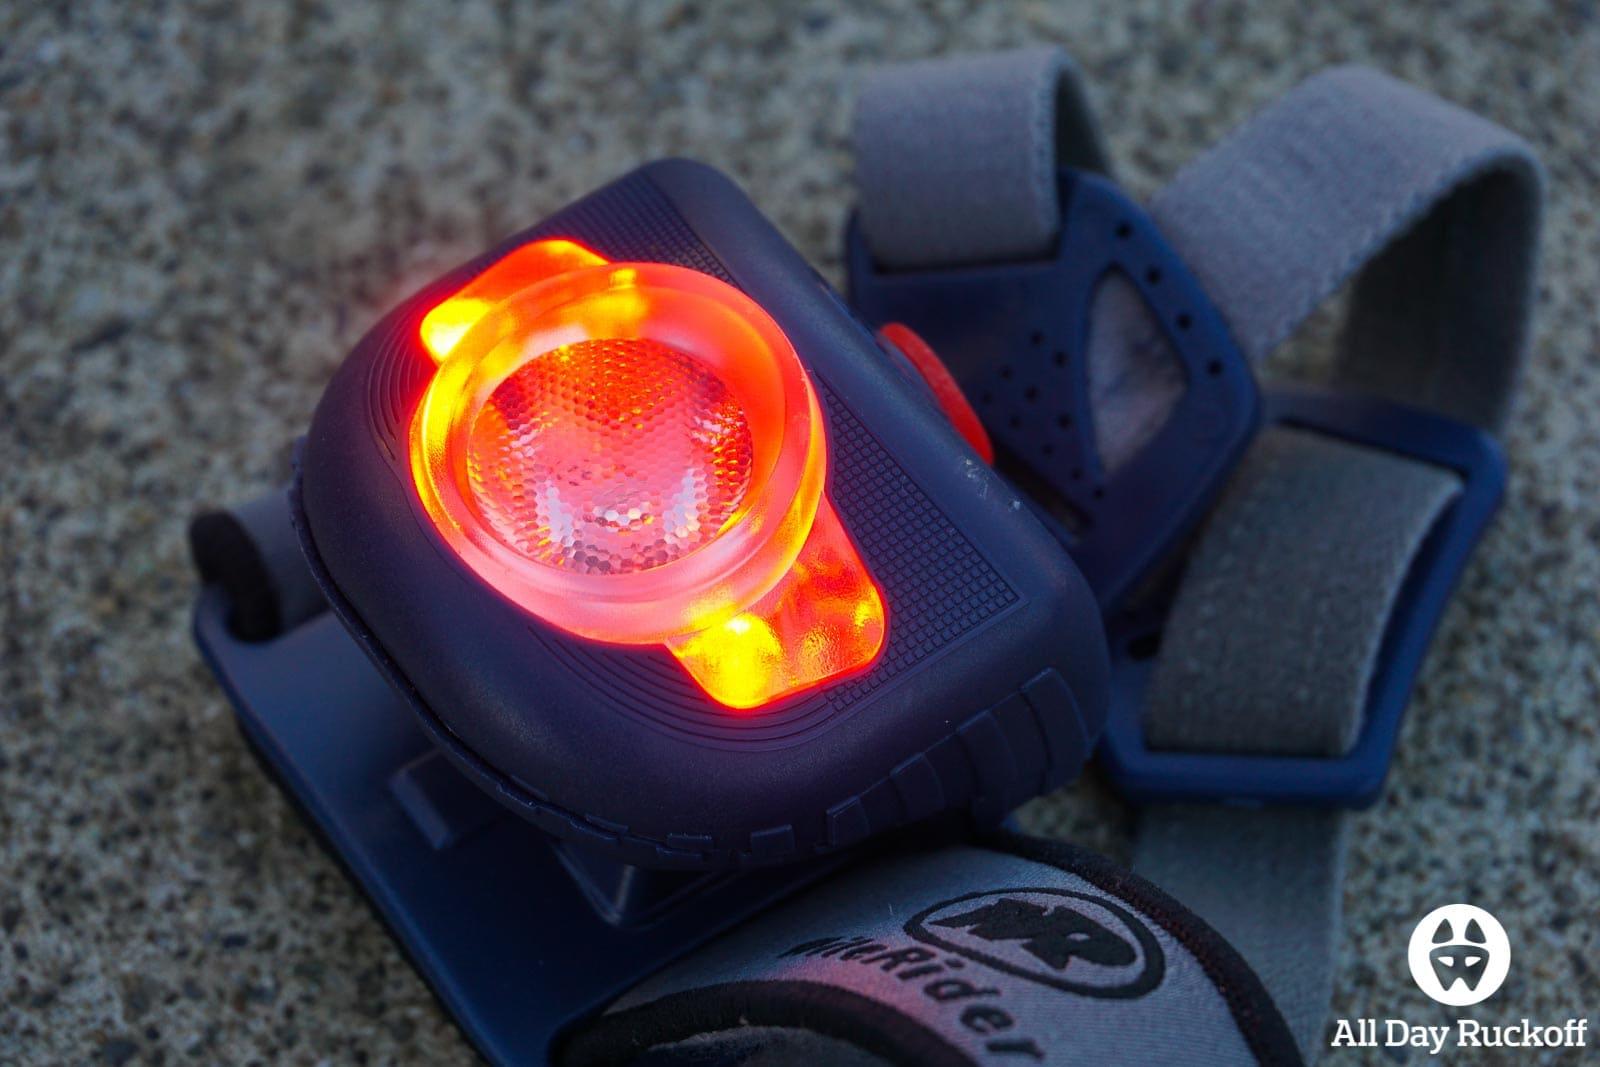 NiteRider Adventure 180 - Red Light